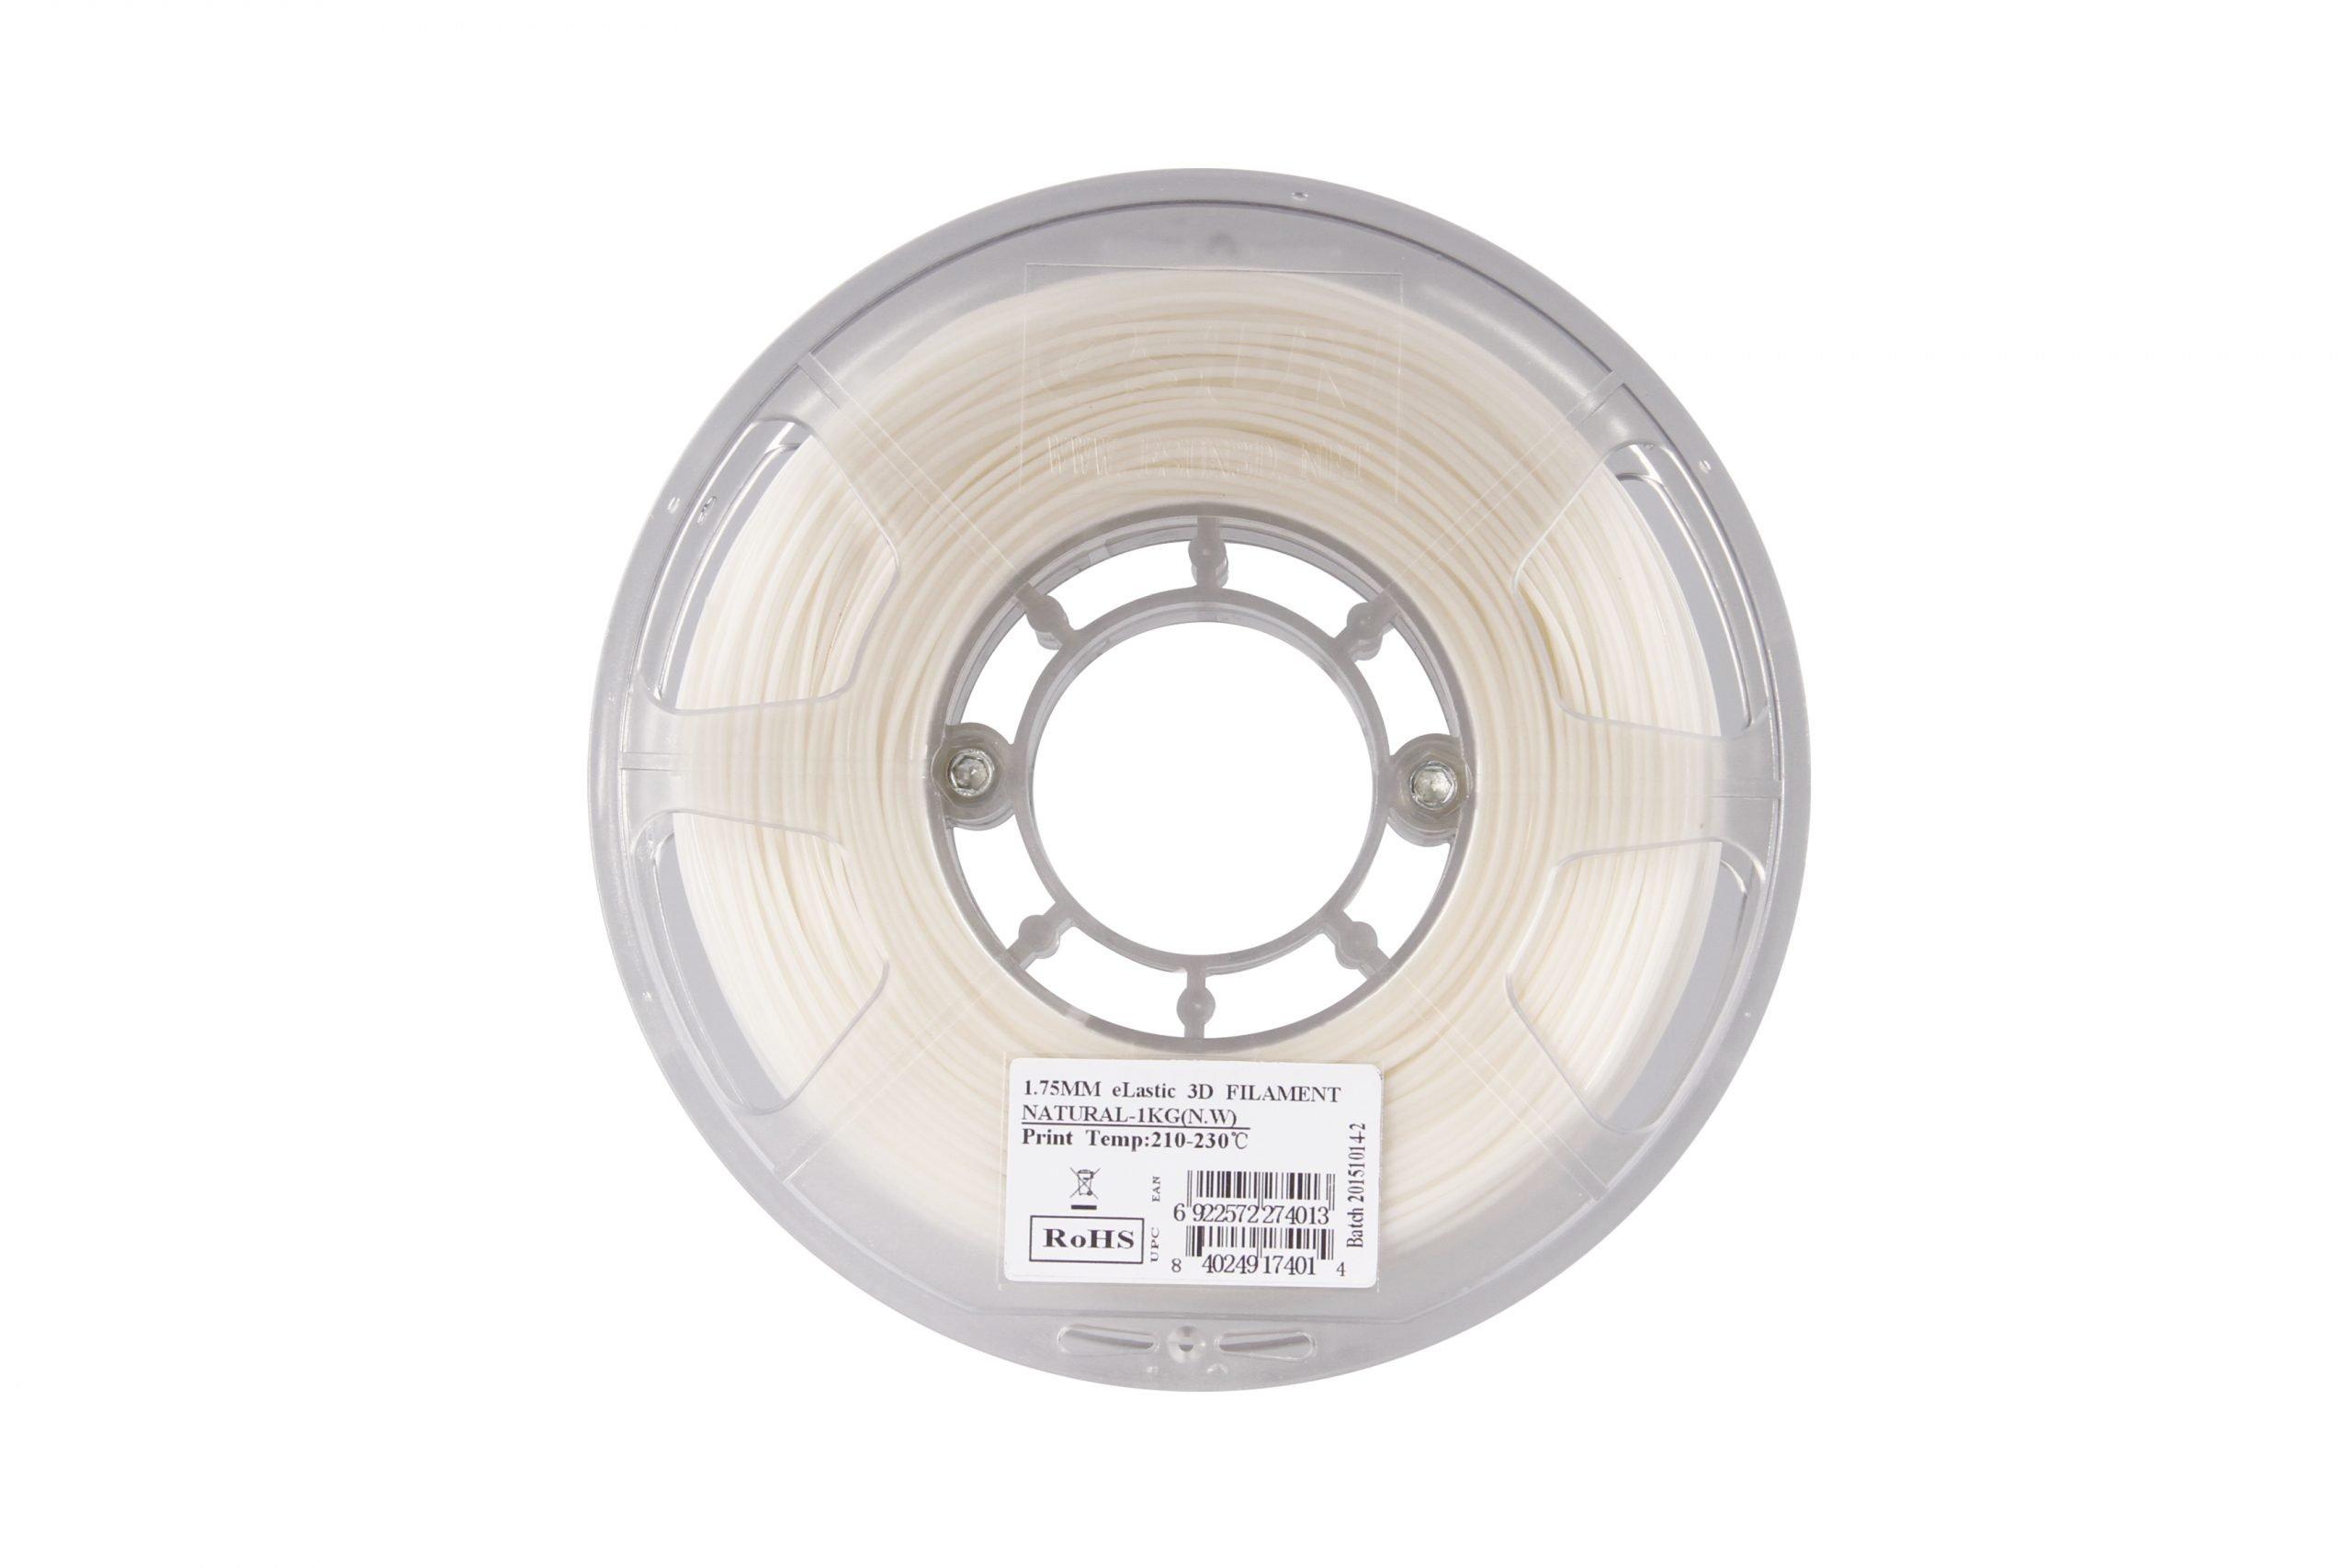 eSun eLastic TPE Filament 1.75mm-Natural